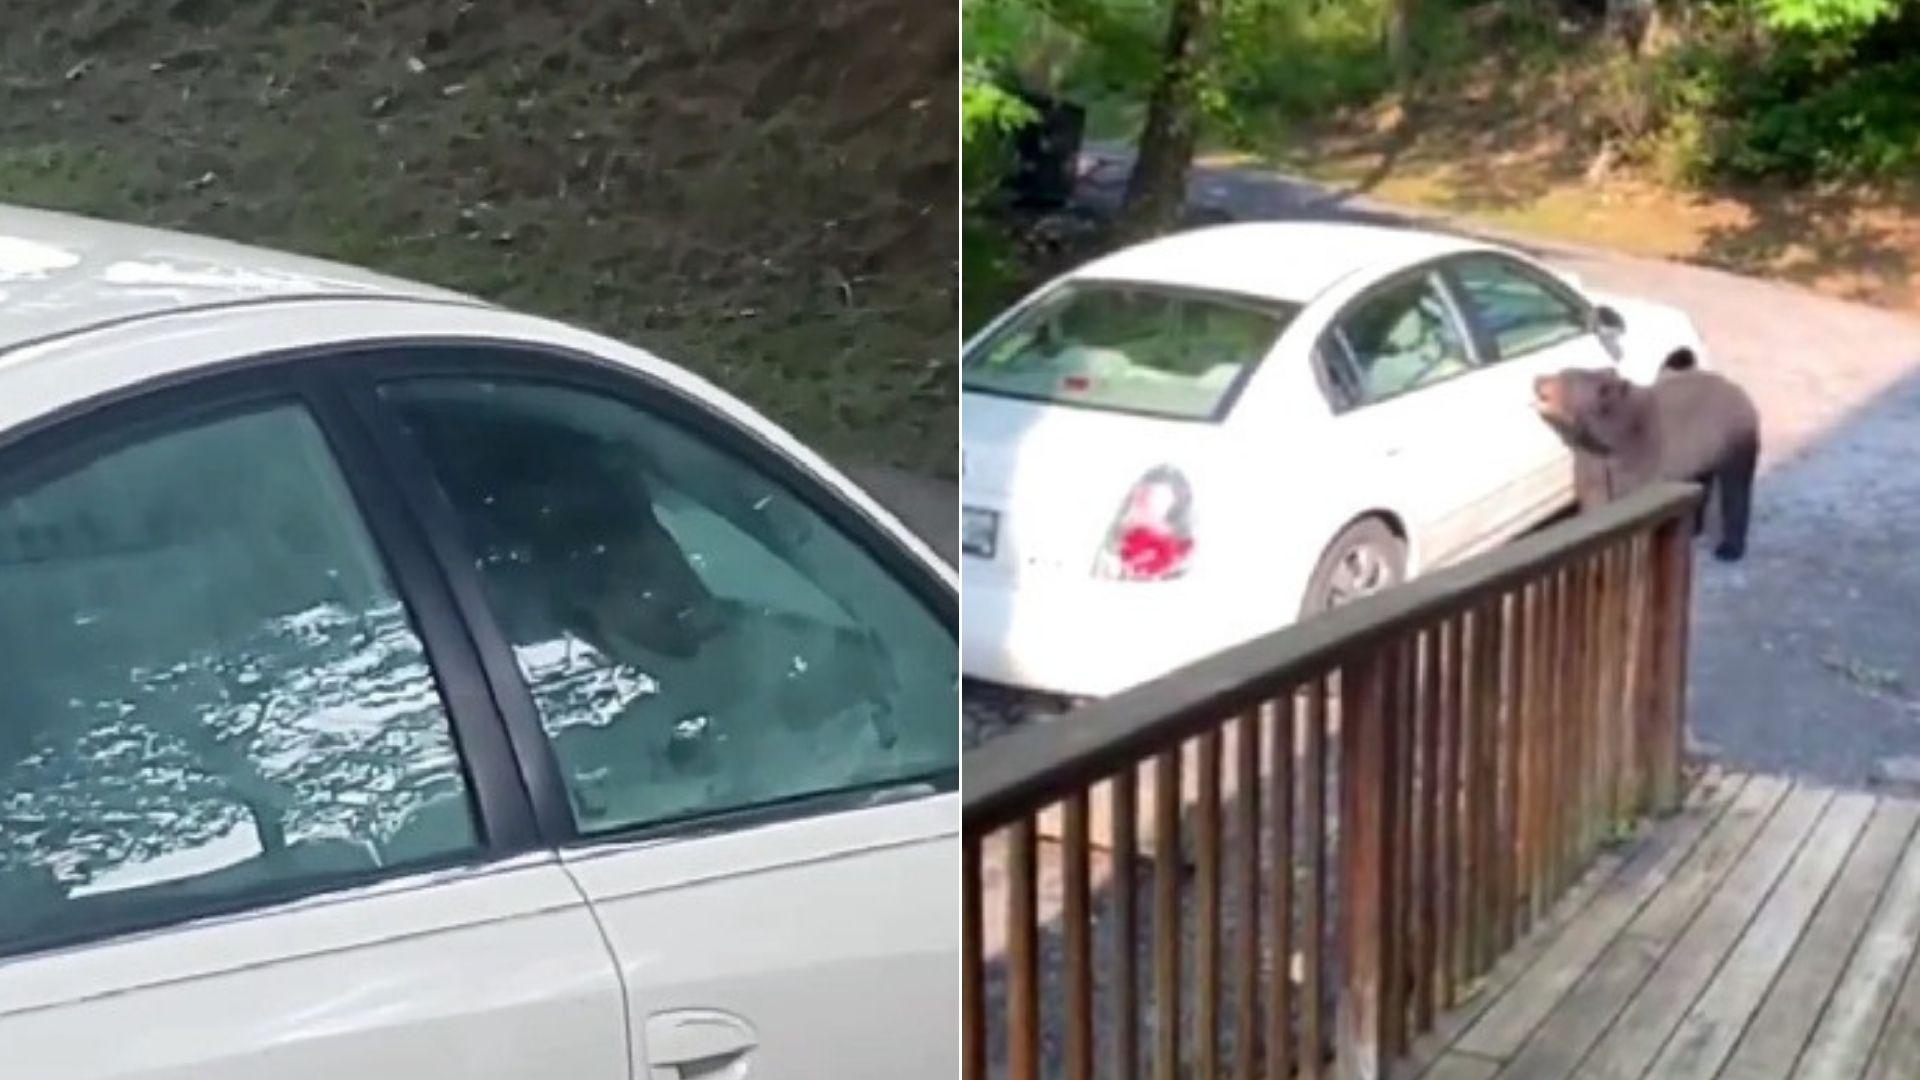 Enorme oso negro sorprende a amigos durante sus vacaciones: ¡Salió al abrir la puerta del auto!